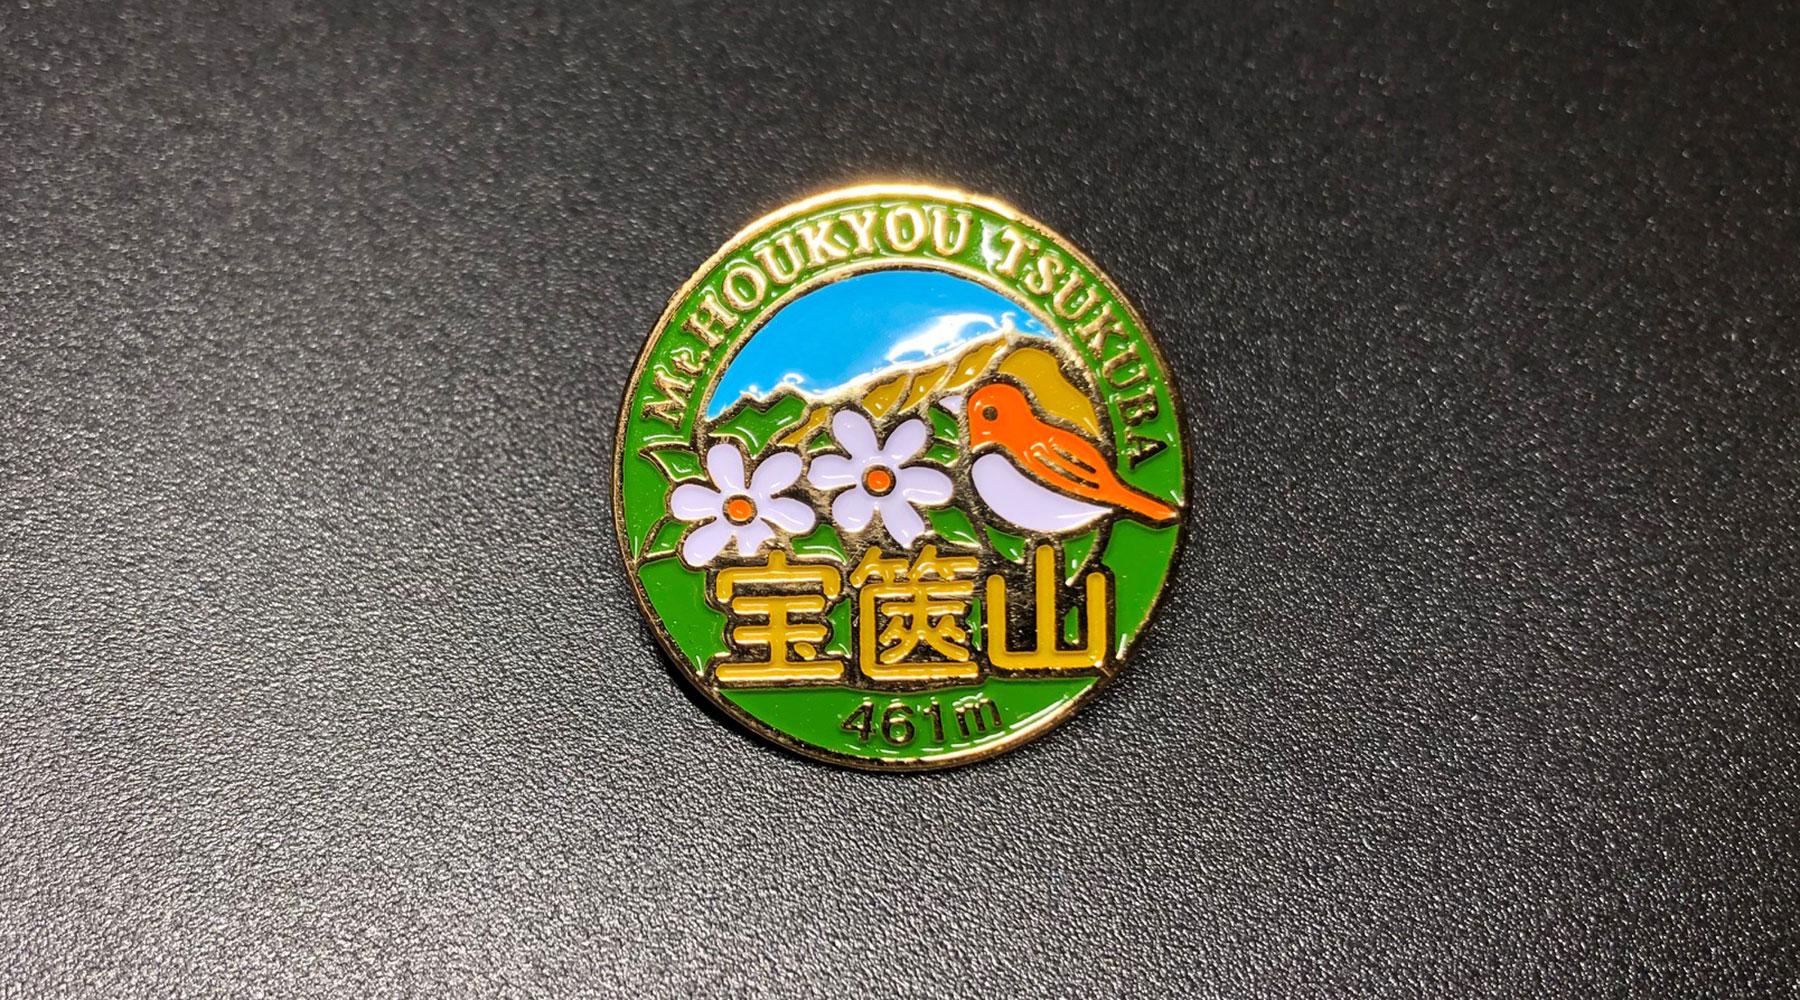 小田の「タマリバ」で販売している宝篋山の山バッジ(¥1,000)